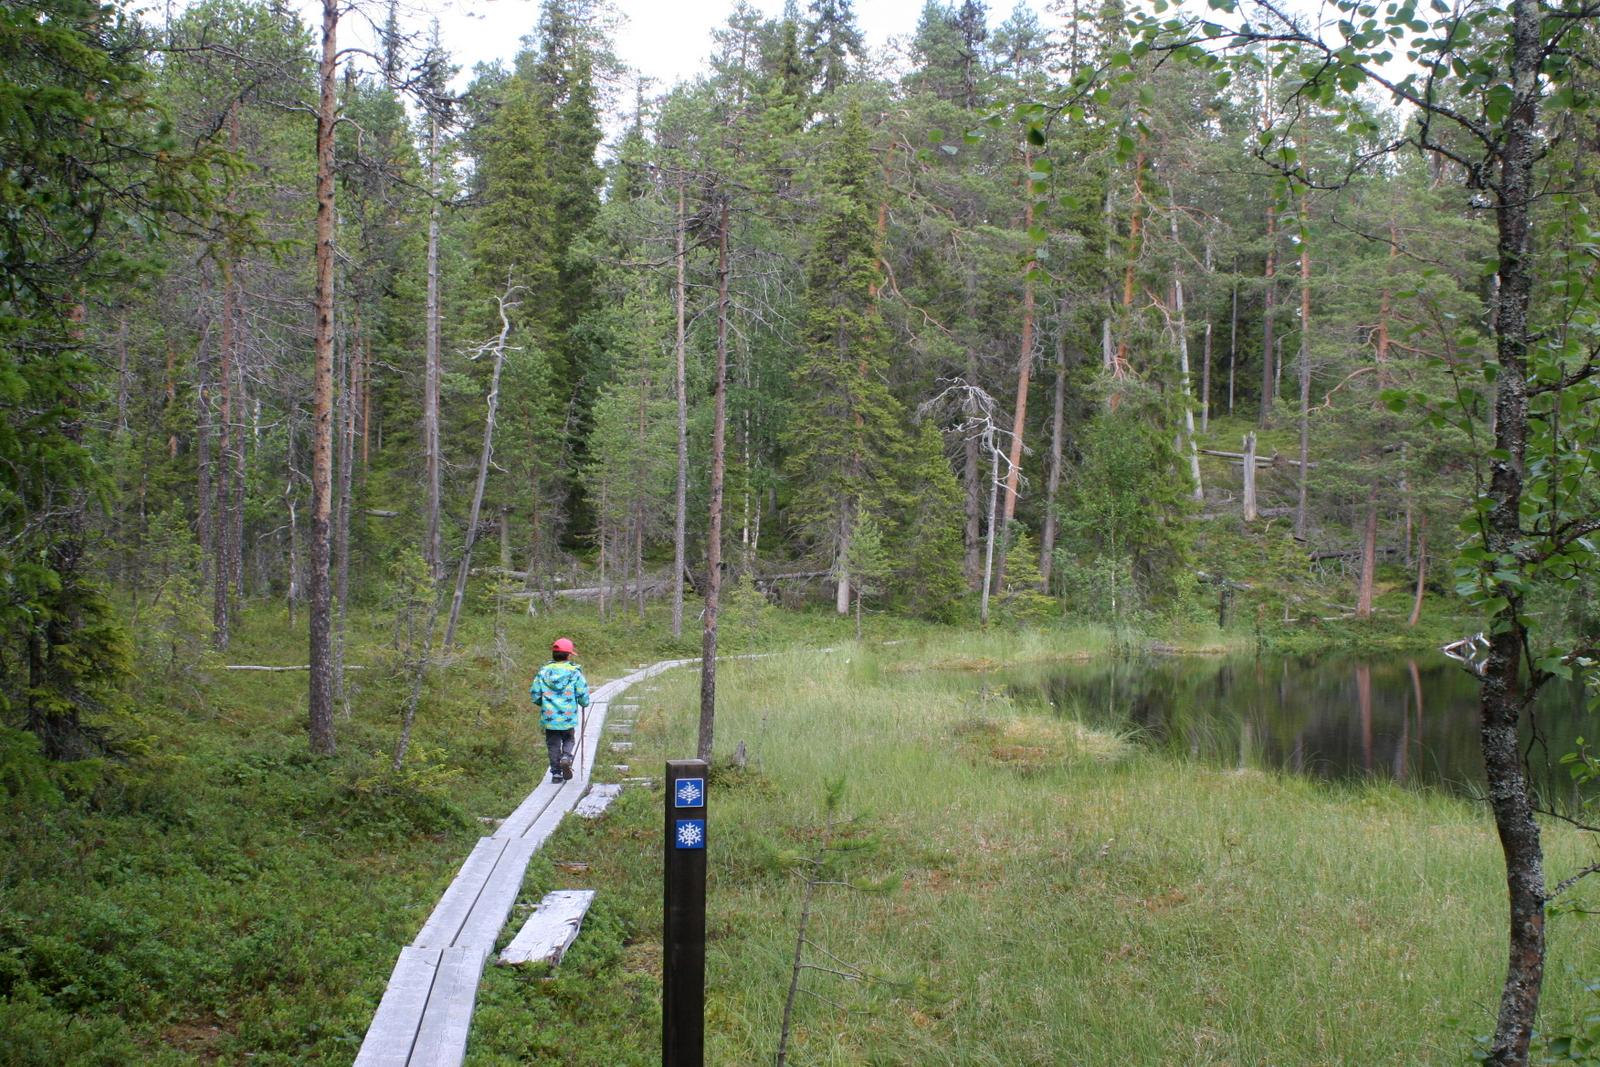 Oulangan kansallispuisto.  Pitkospuut - niitä lapset aina odottavat. Vaellus on lähestulkoon pilalla, jos niitä ei tule. Hiiden hurmoksen varrella sellaiset onneksi oli!